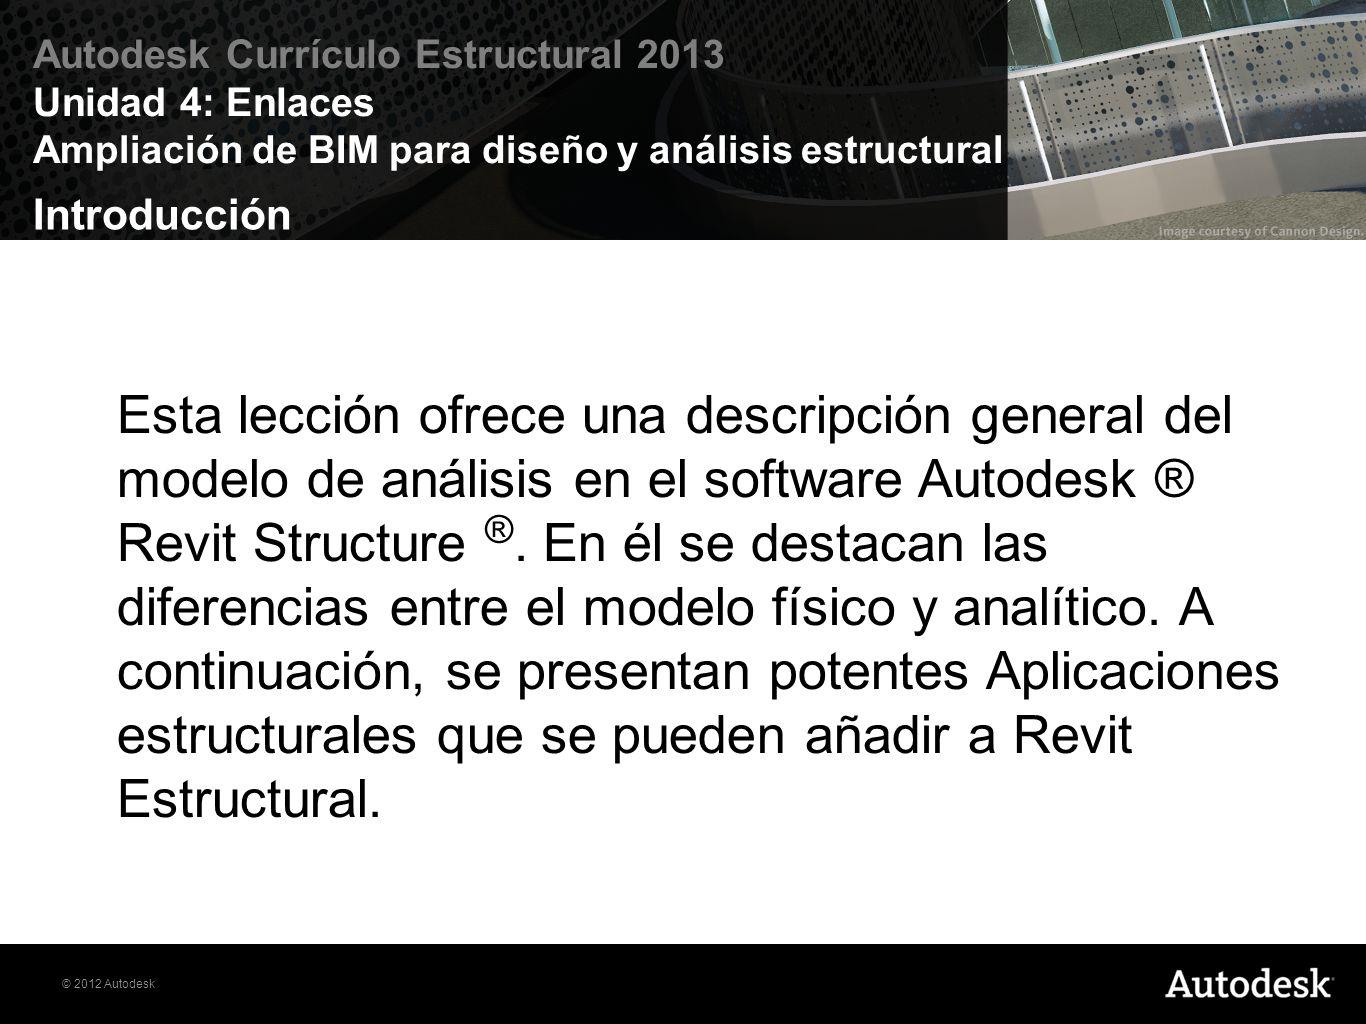 © 2012 Autodesk Autodesk Currículo Estructural 2013 Unidad 4: Enlaces Ampliación de BIM para diseño y análisis estructural Ejercicio 4.4: Análisis estático de vigas